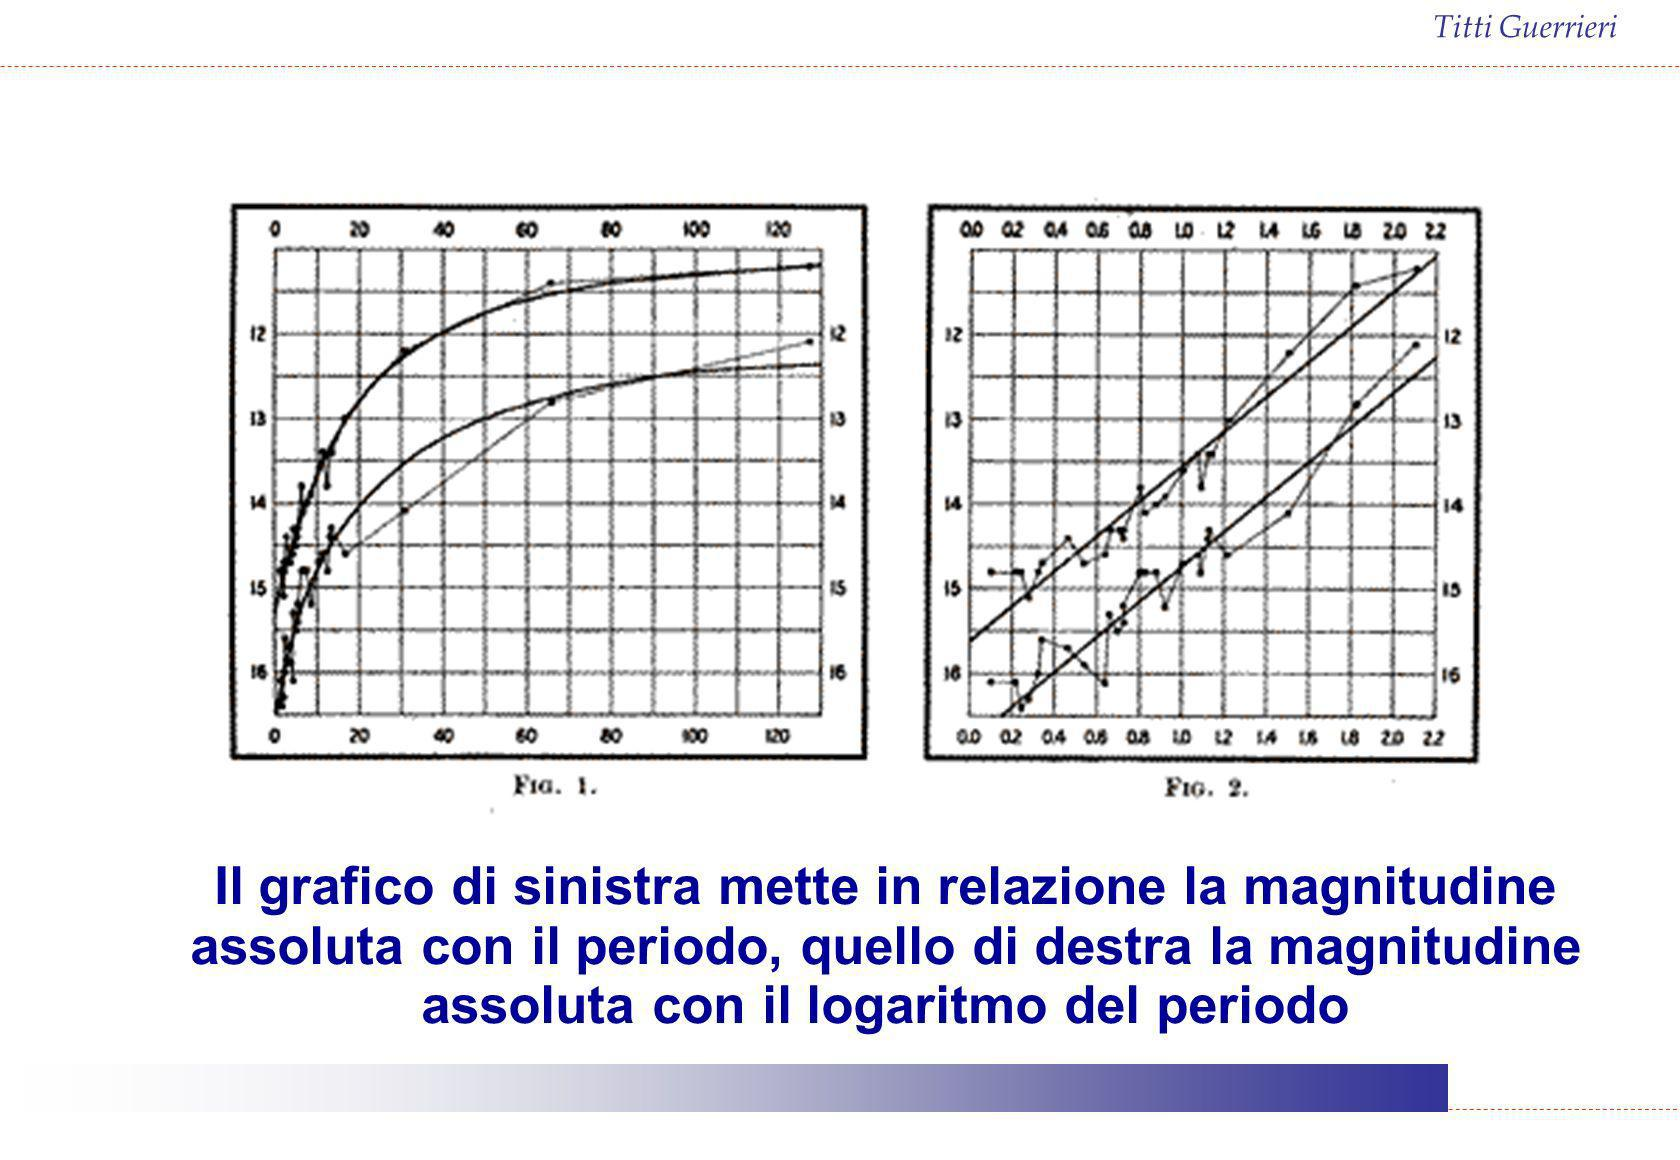 Il grafico di sinistra mette in relazione la magnitudine assoluta con il periodo, quello di destra la magnitudine assoluta con il logaritmo del periodo